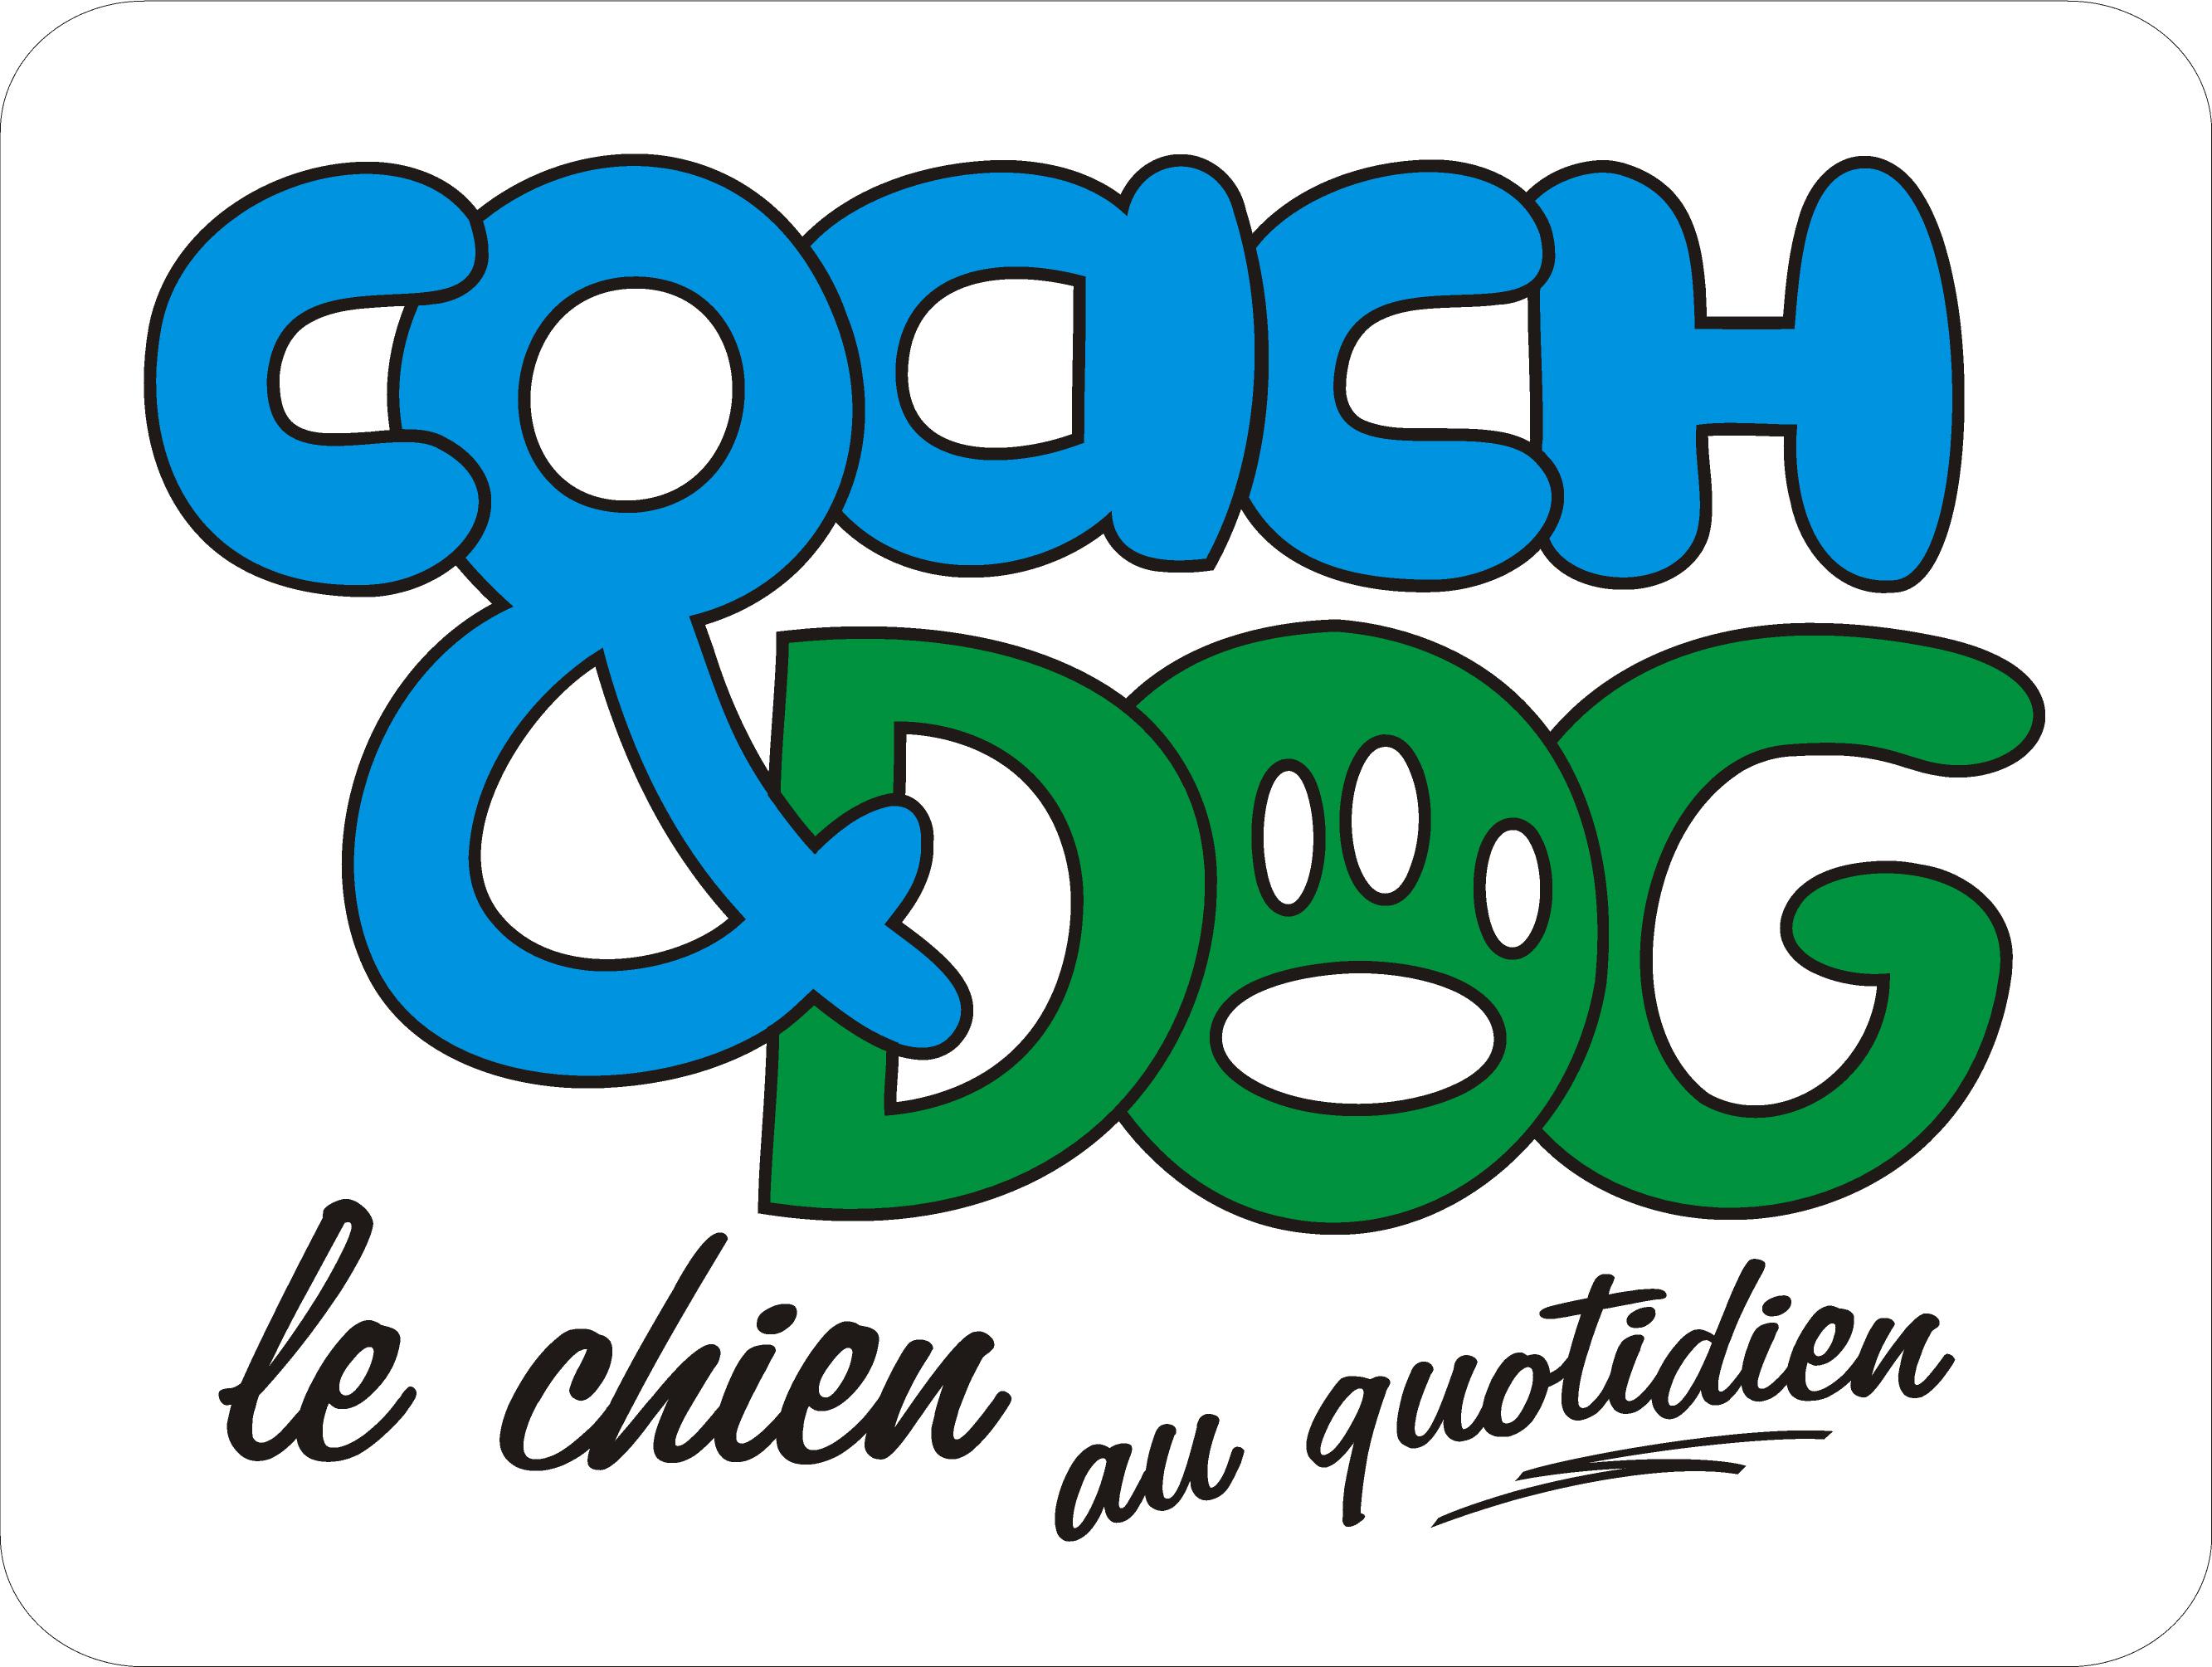 Coach & Dog